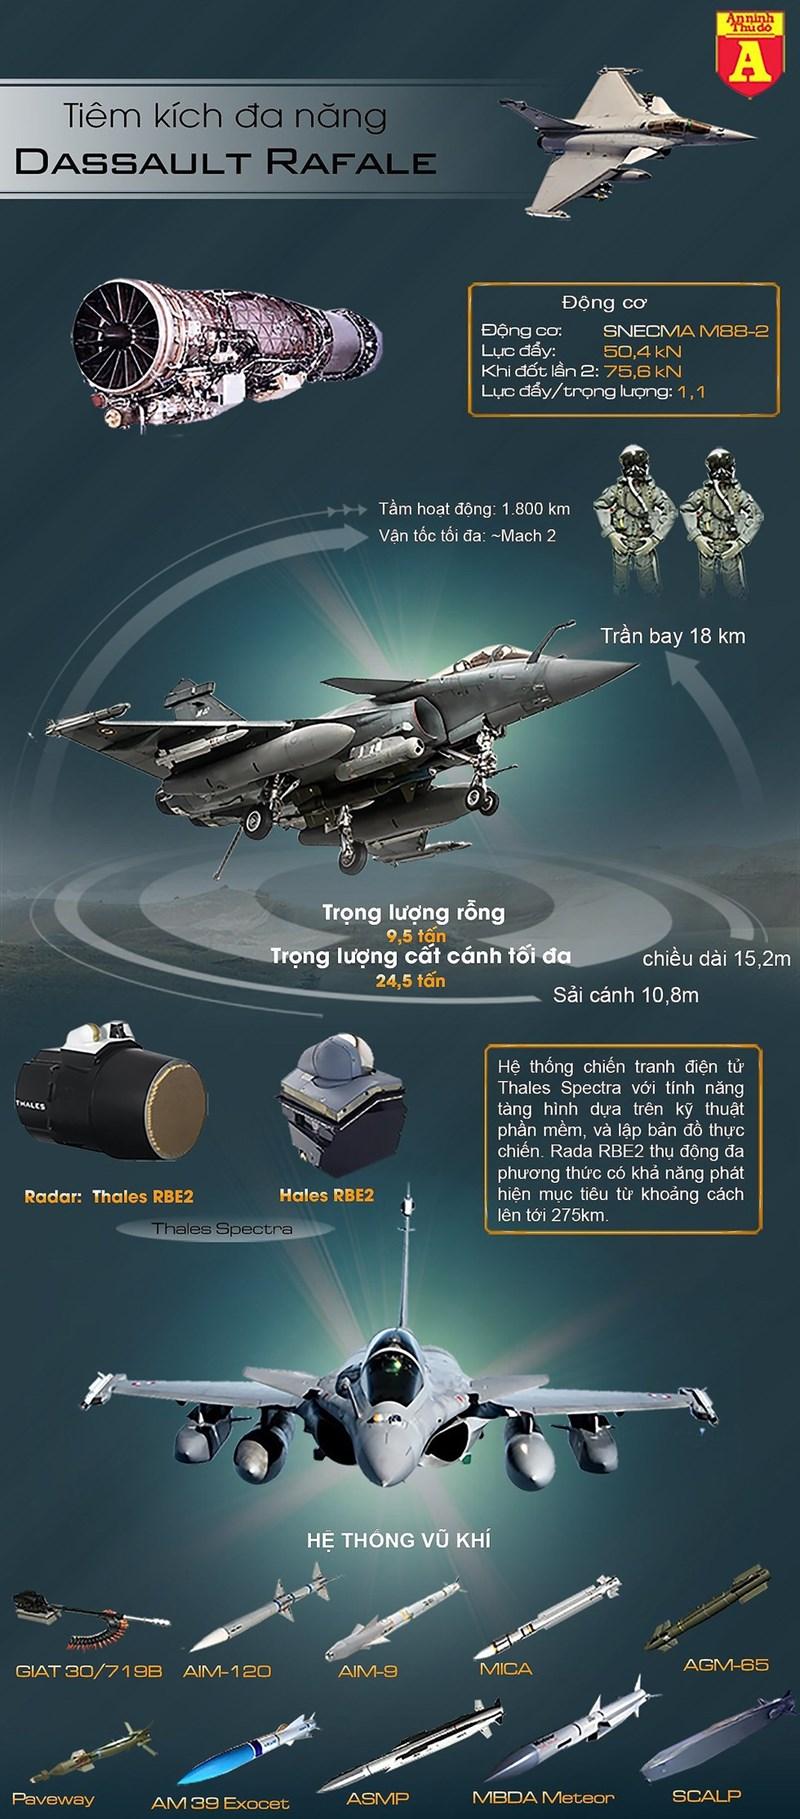 """[Infographics] Nga bất lực nhìn Rafale Pháp """"cứa nhát dao chí tử"""" vào Su-30MKI - Ảnh 1"""